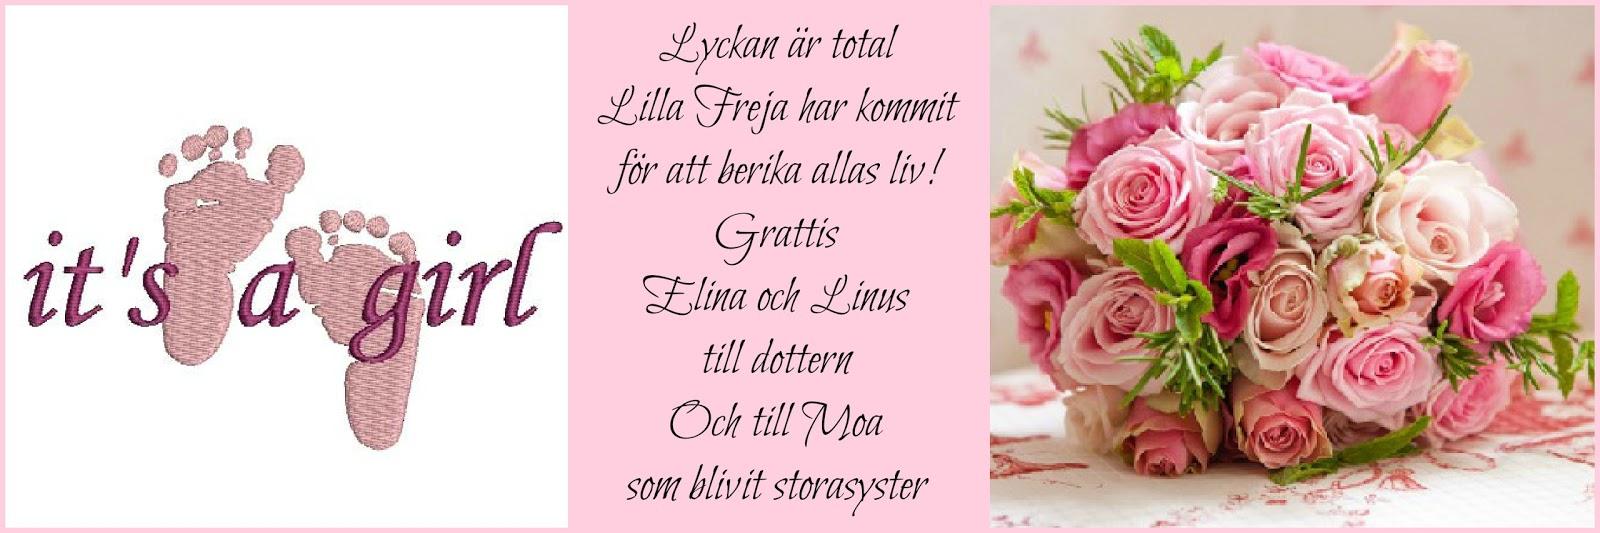 grattis till dottern Hotell Tvärdraget: Grattis till Dottern grattis till dottern